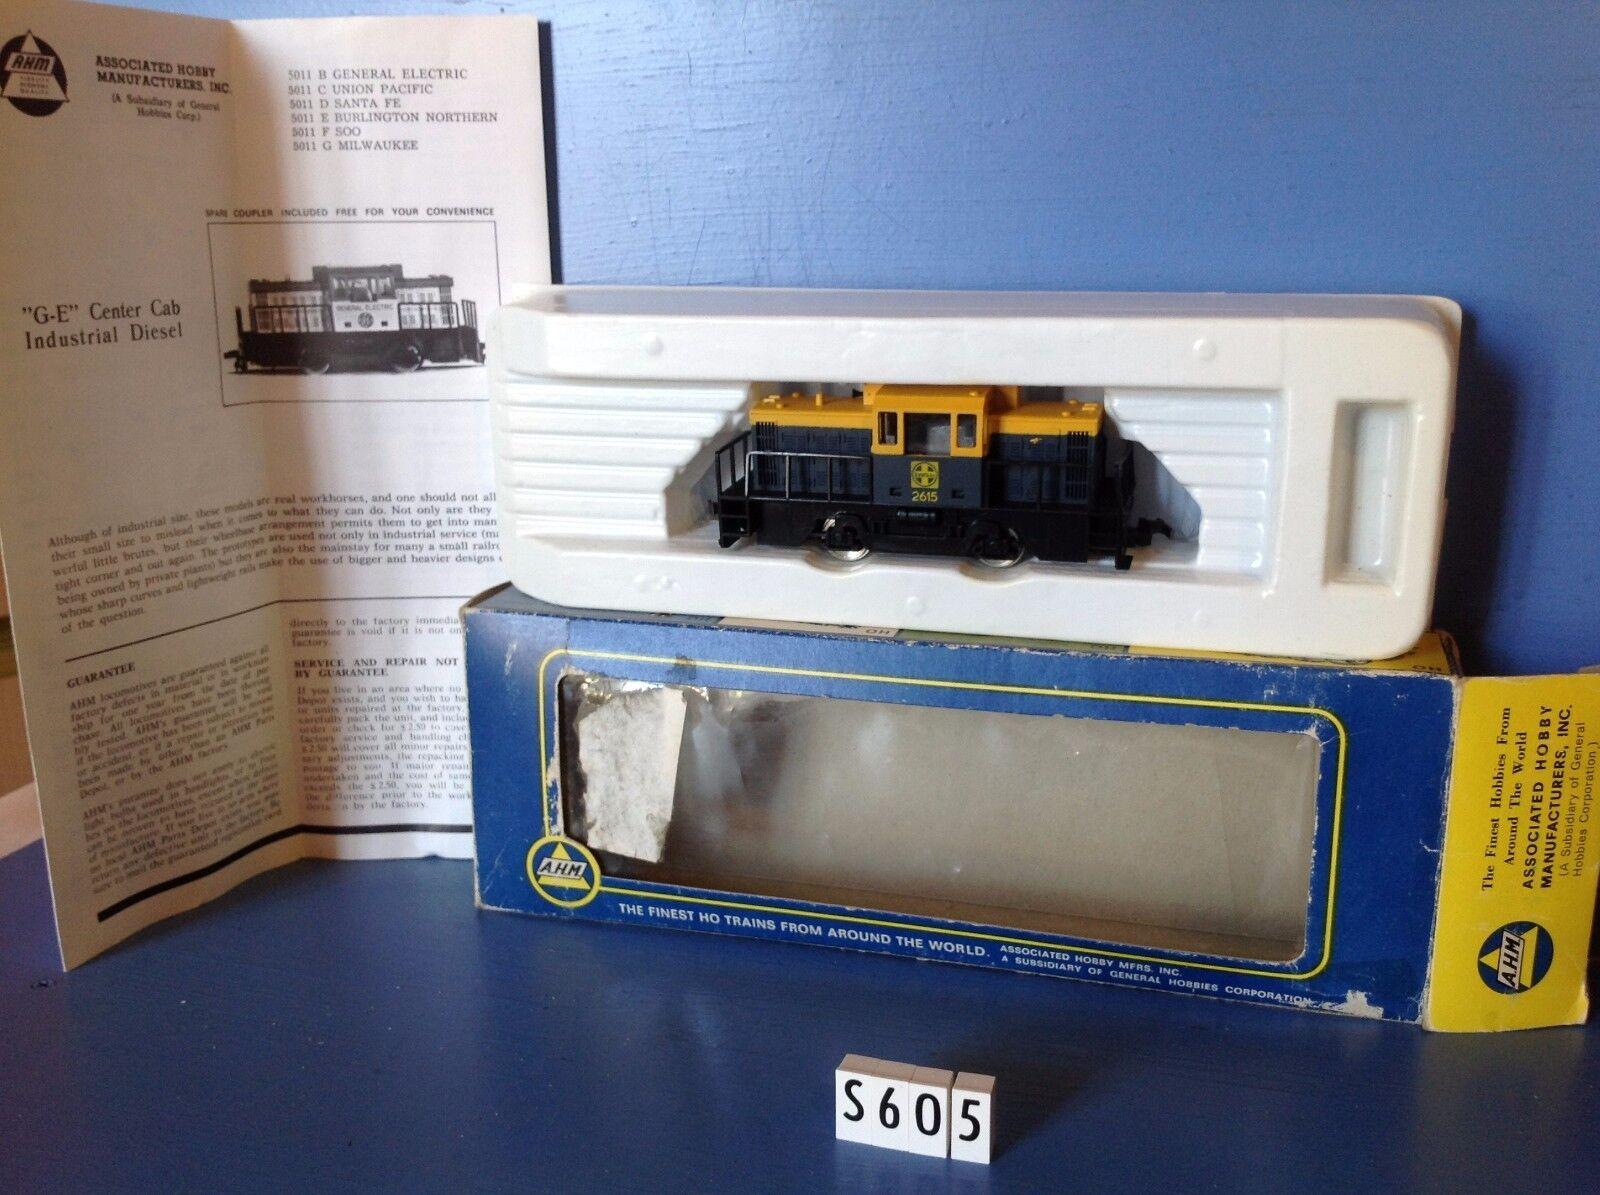 S605  locomotive AHM 2615 en boite, compatible Jouef, ech : Ho